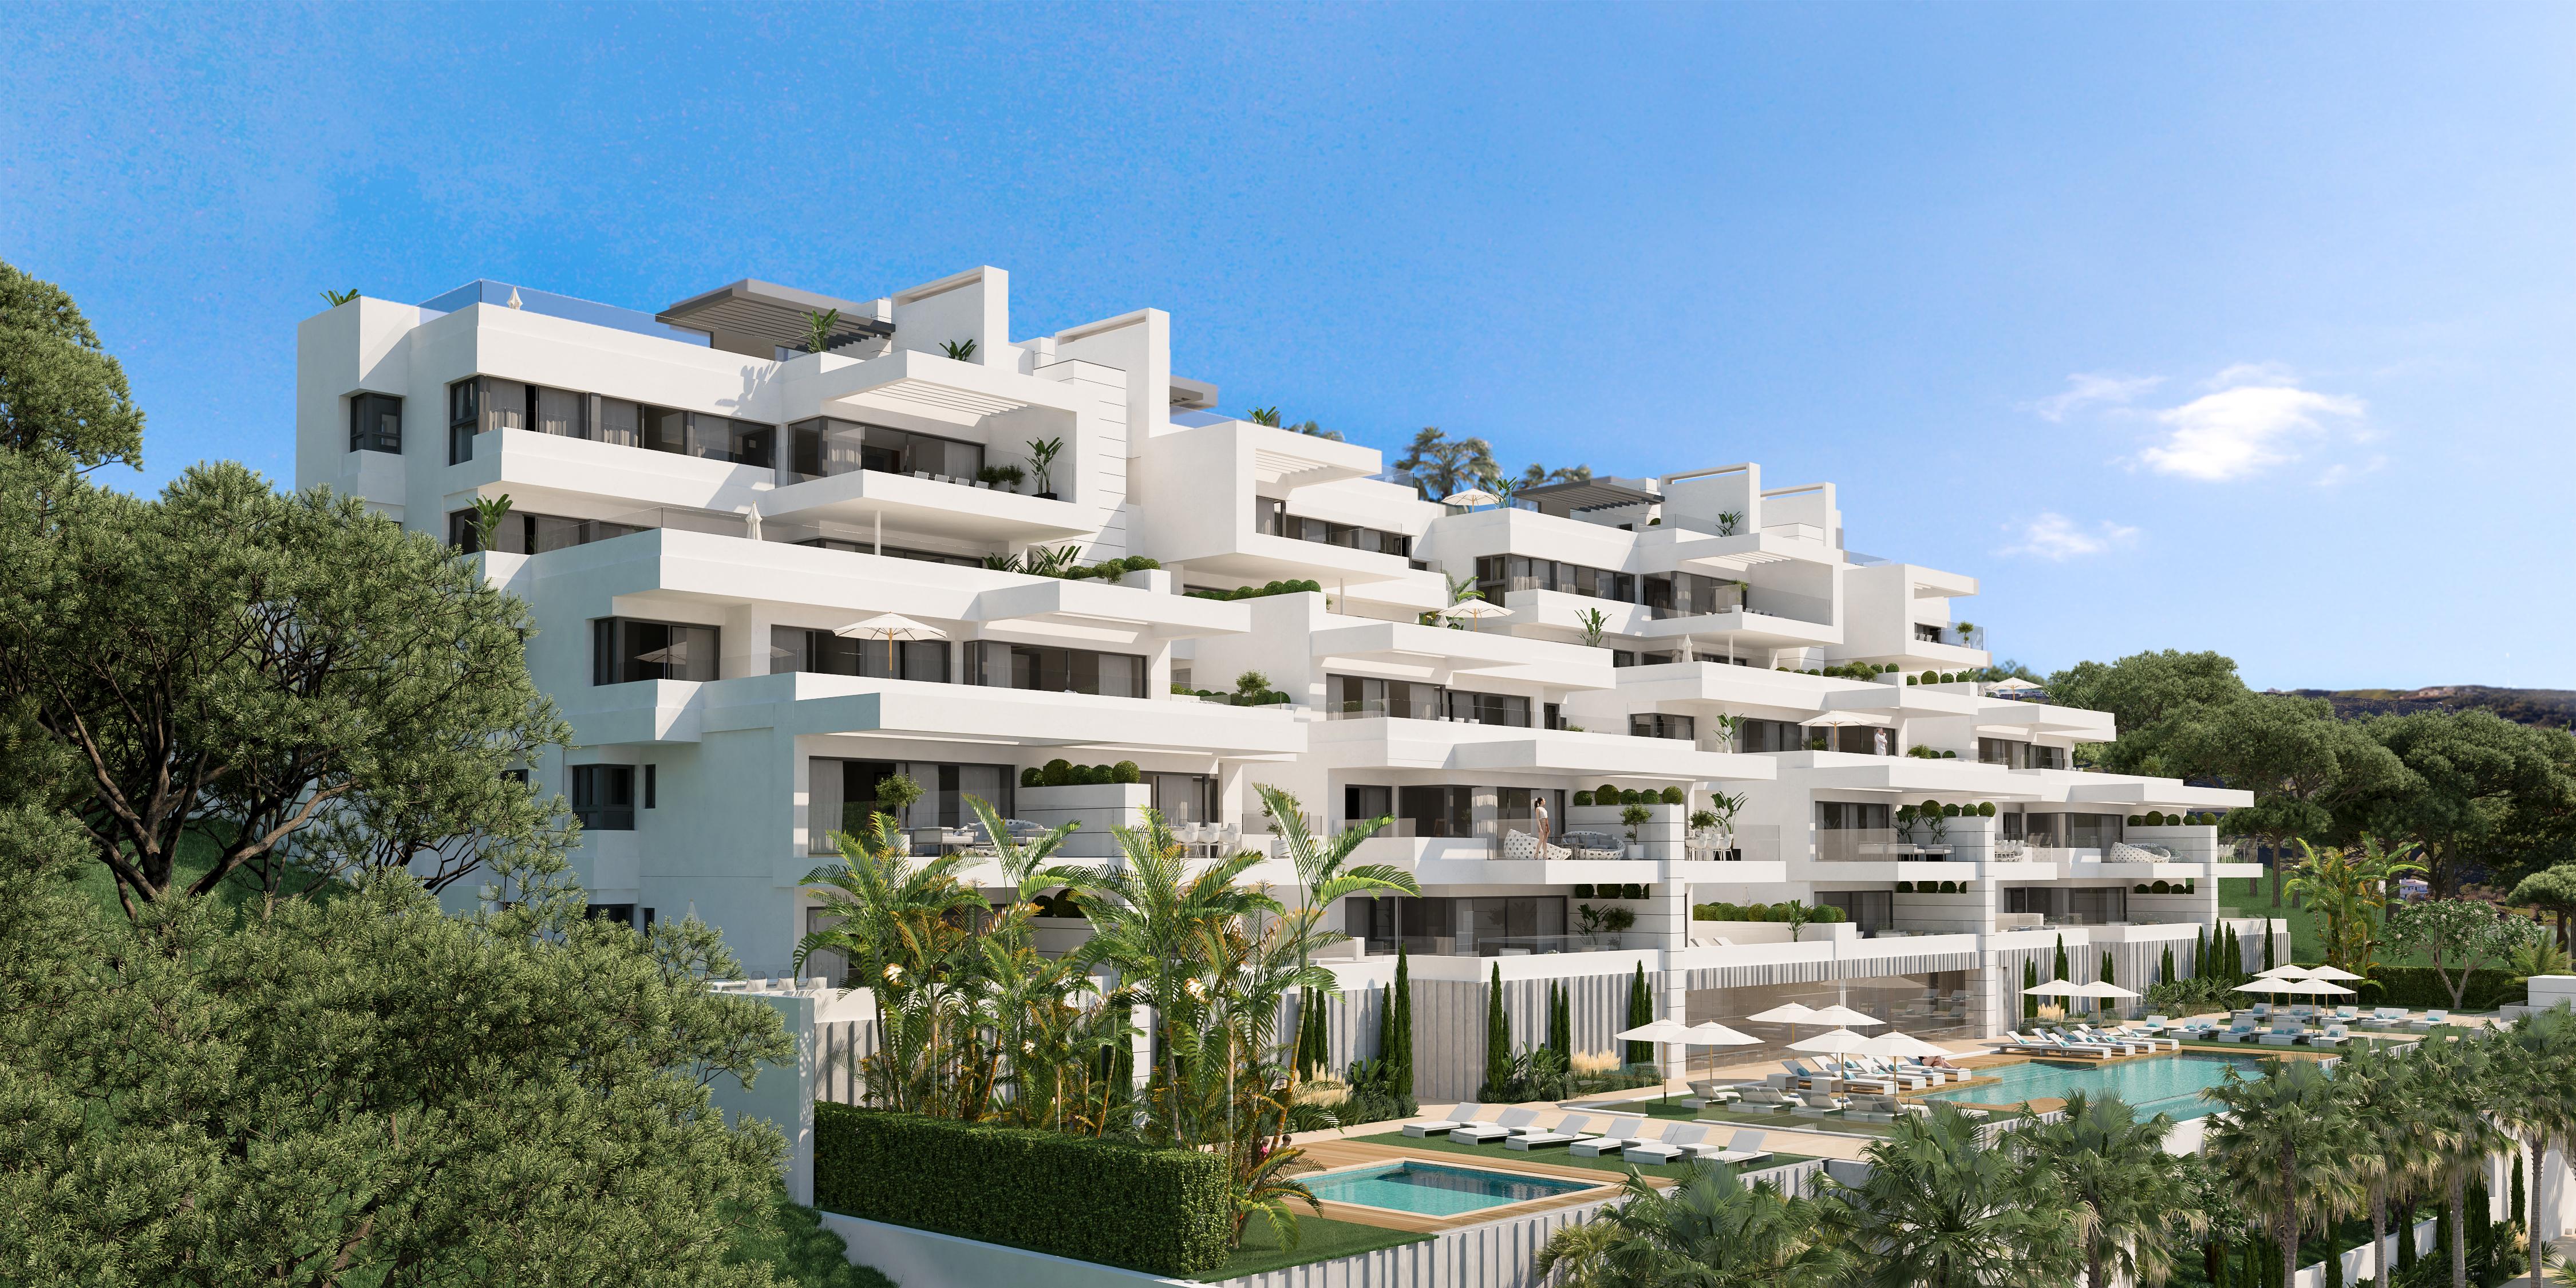 Nuevo proyecto boutique de apartamentos, Estepona